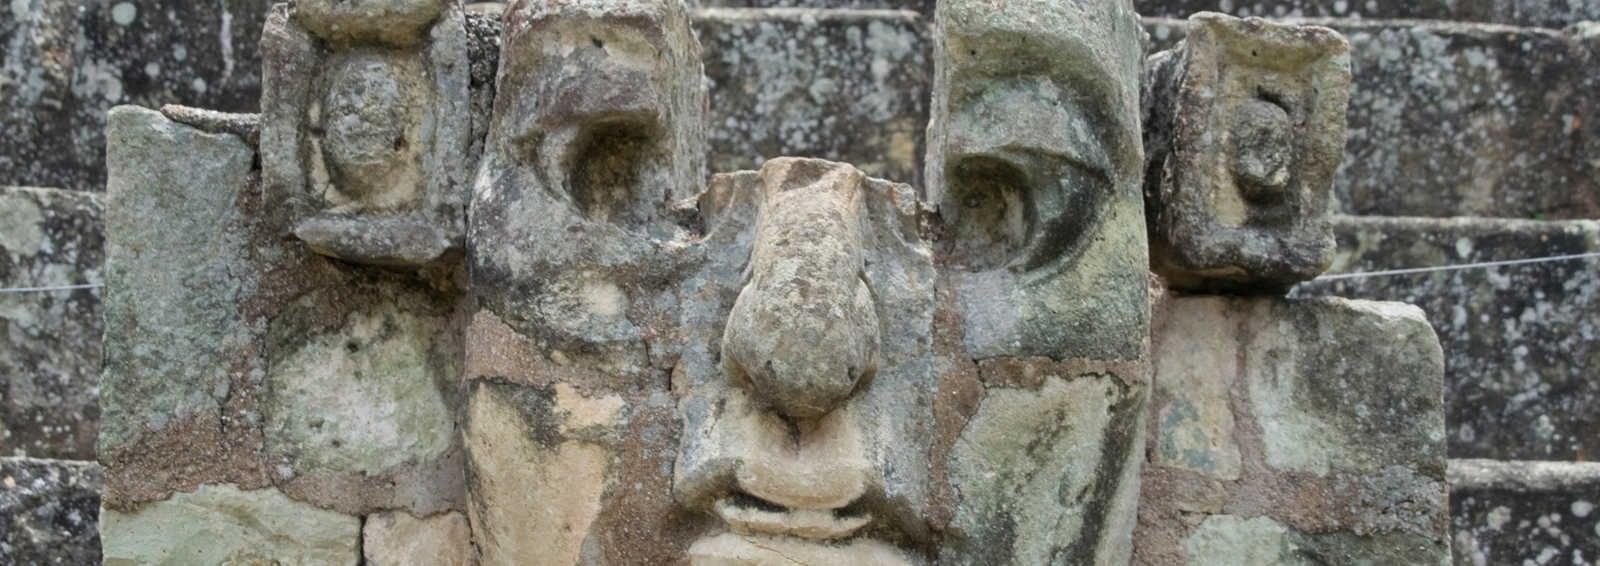 Mayan head, Copan